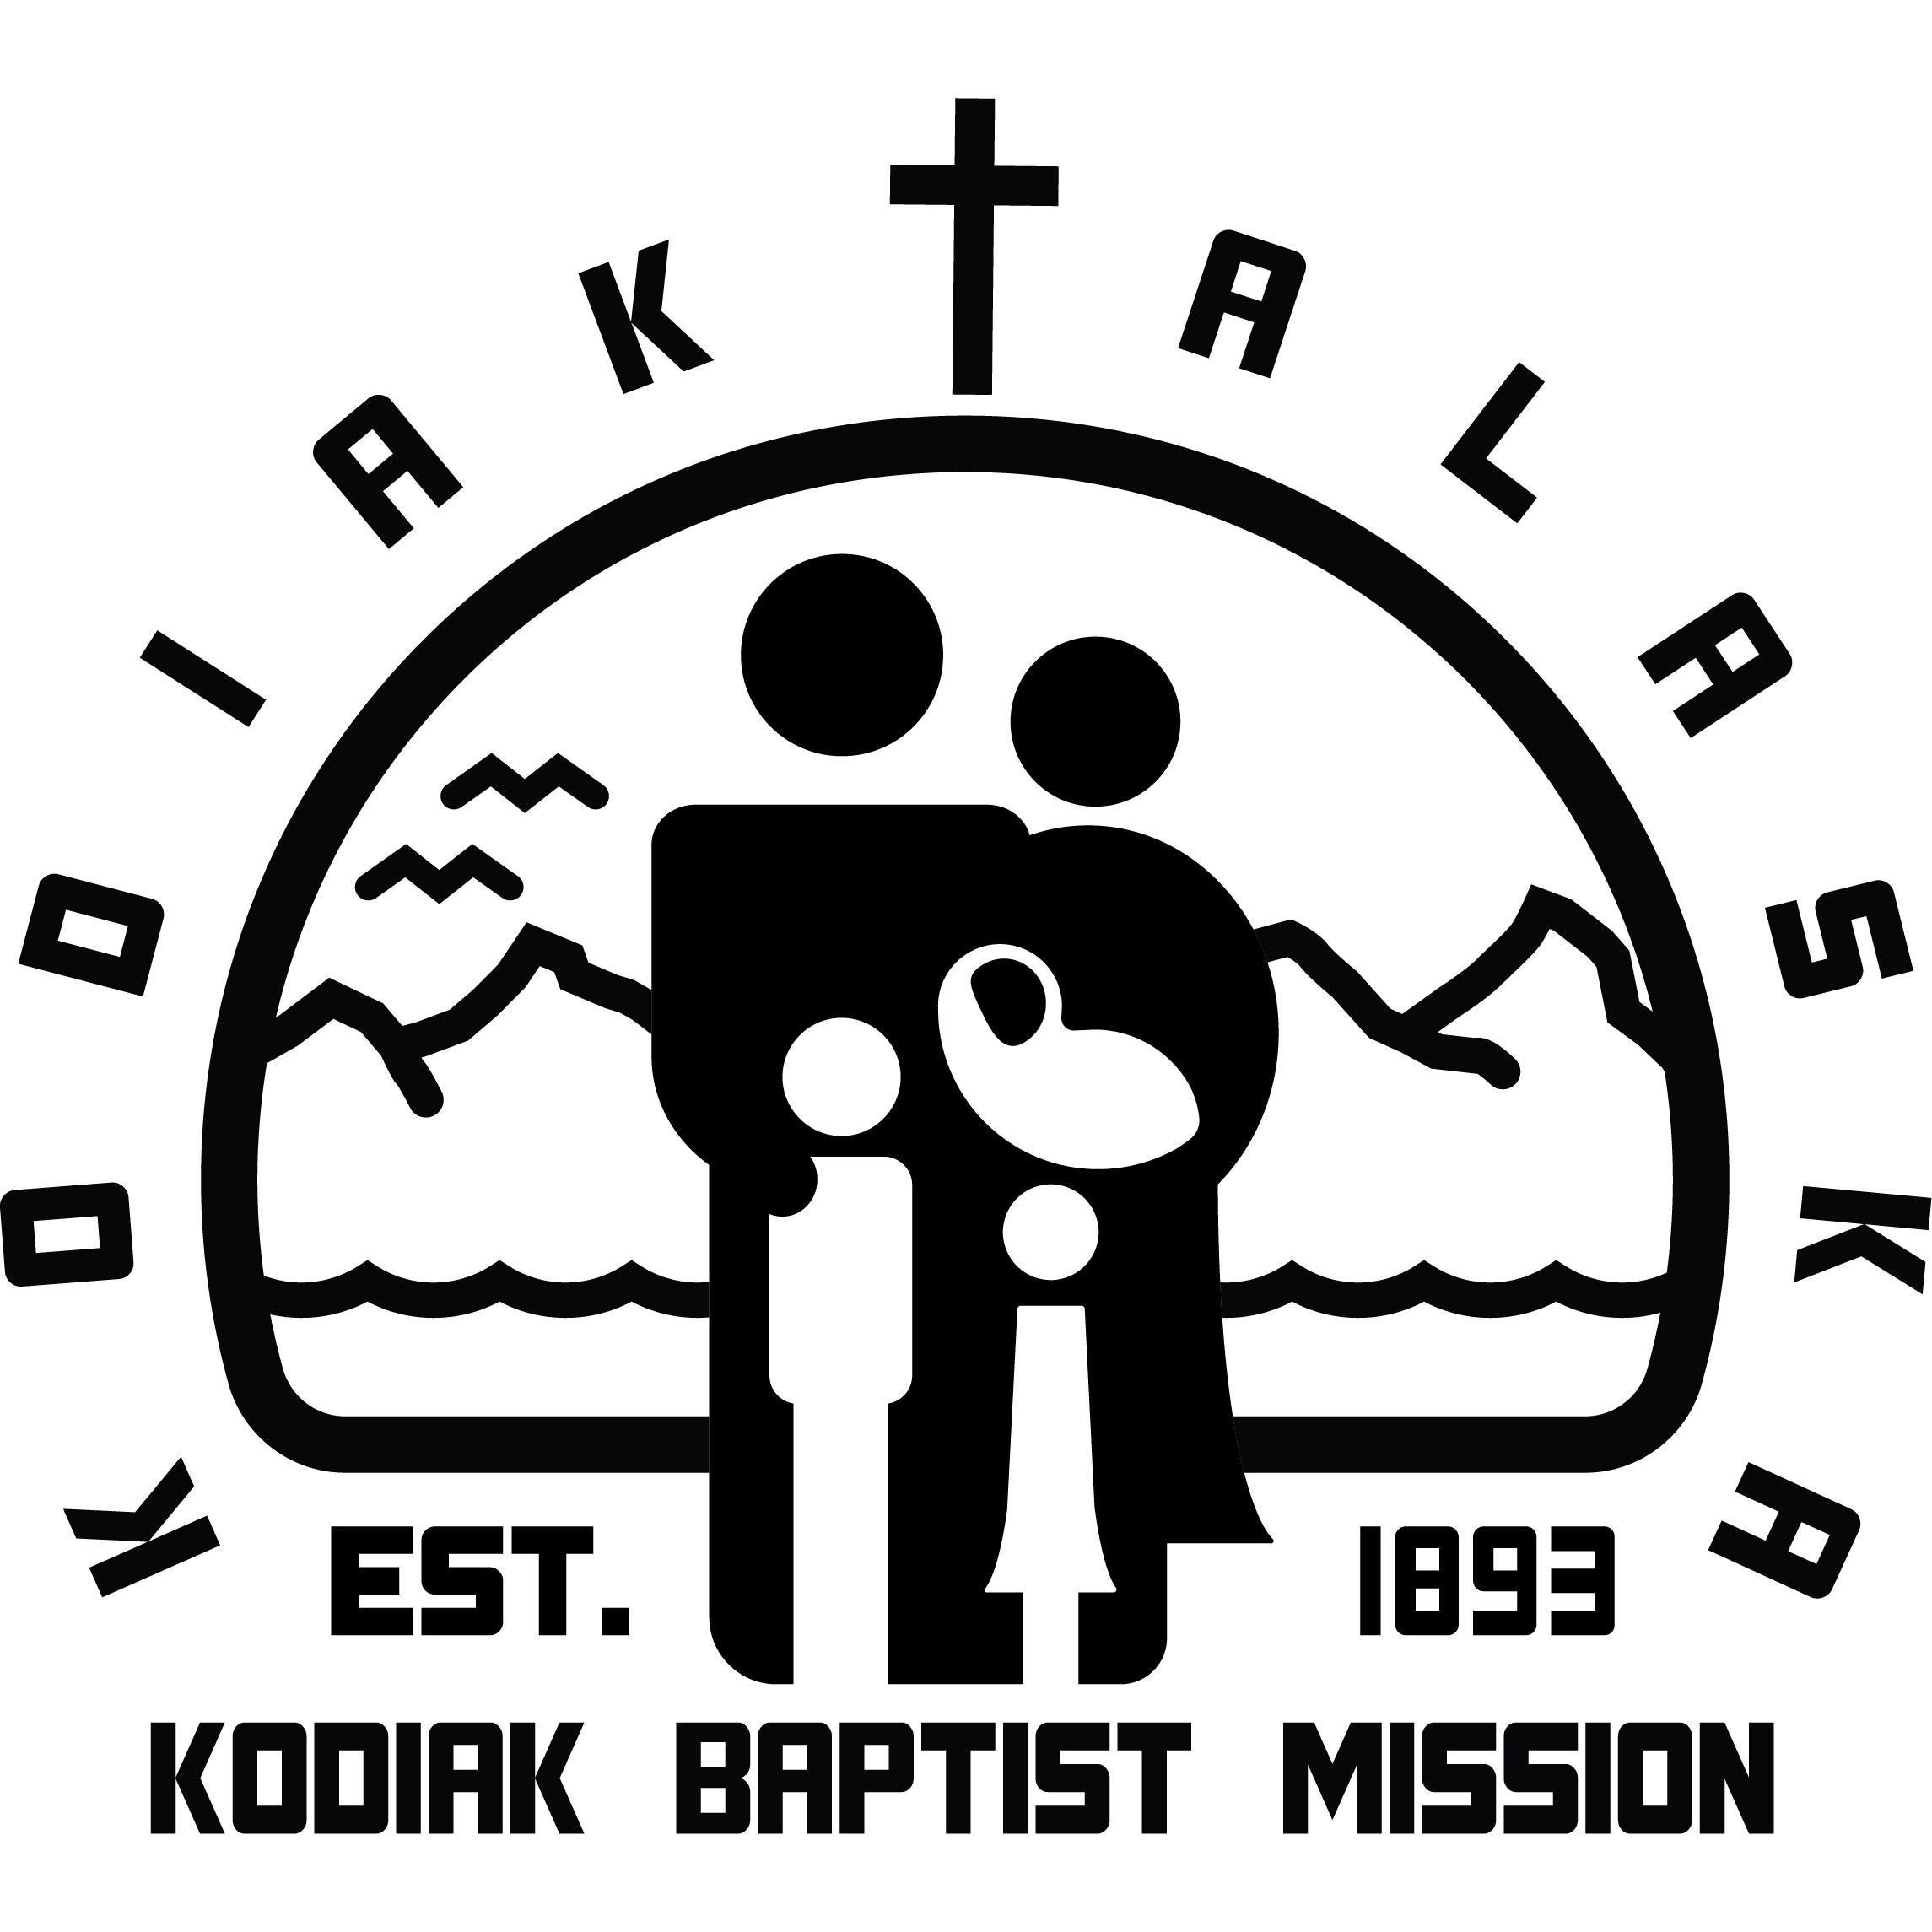 Kodiak Baptist Mission image 9